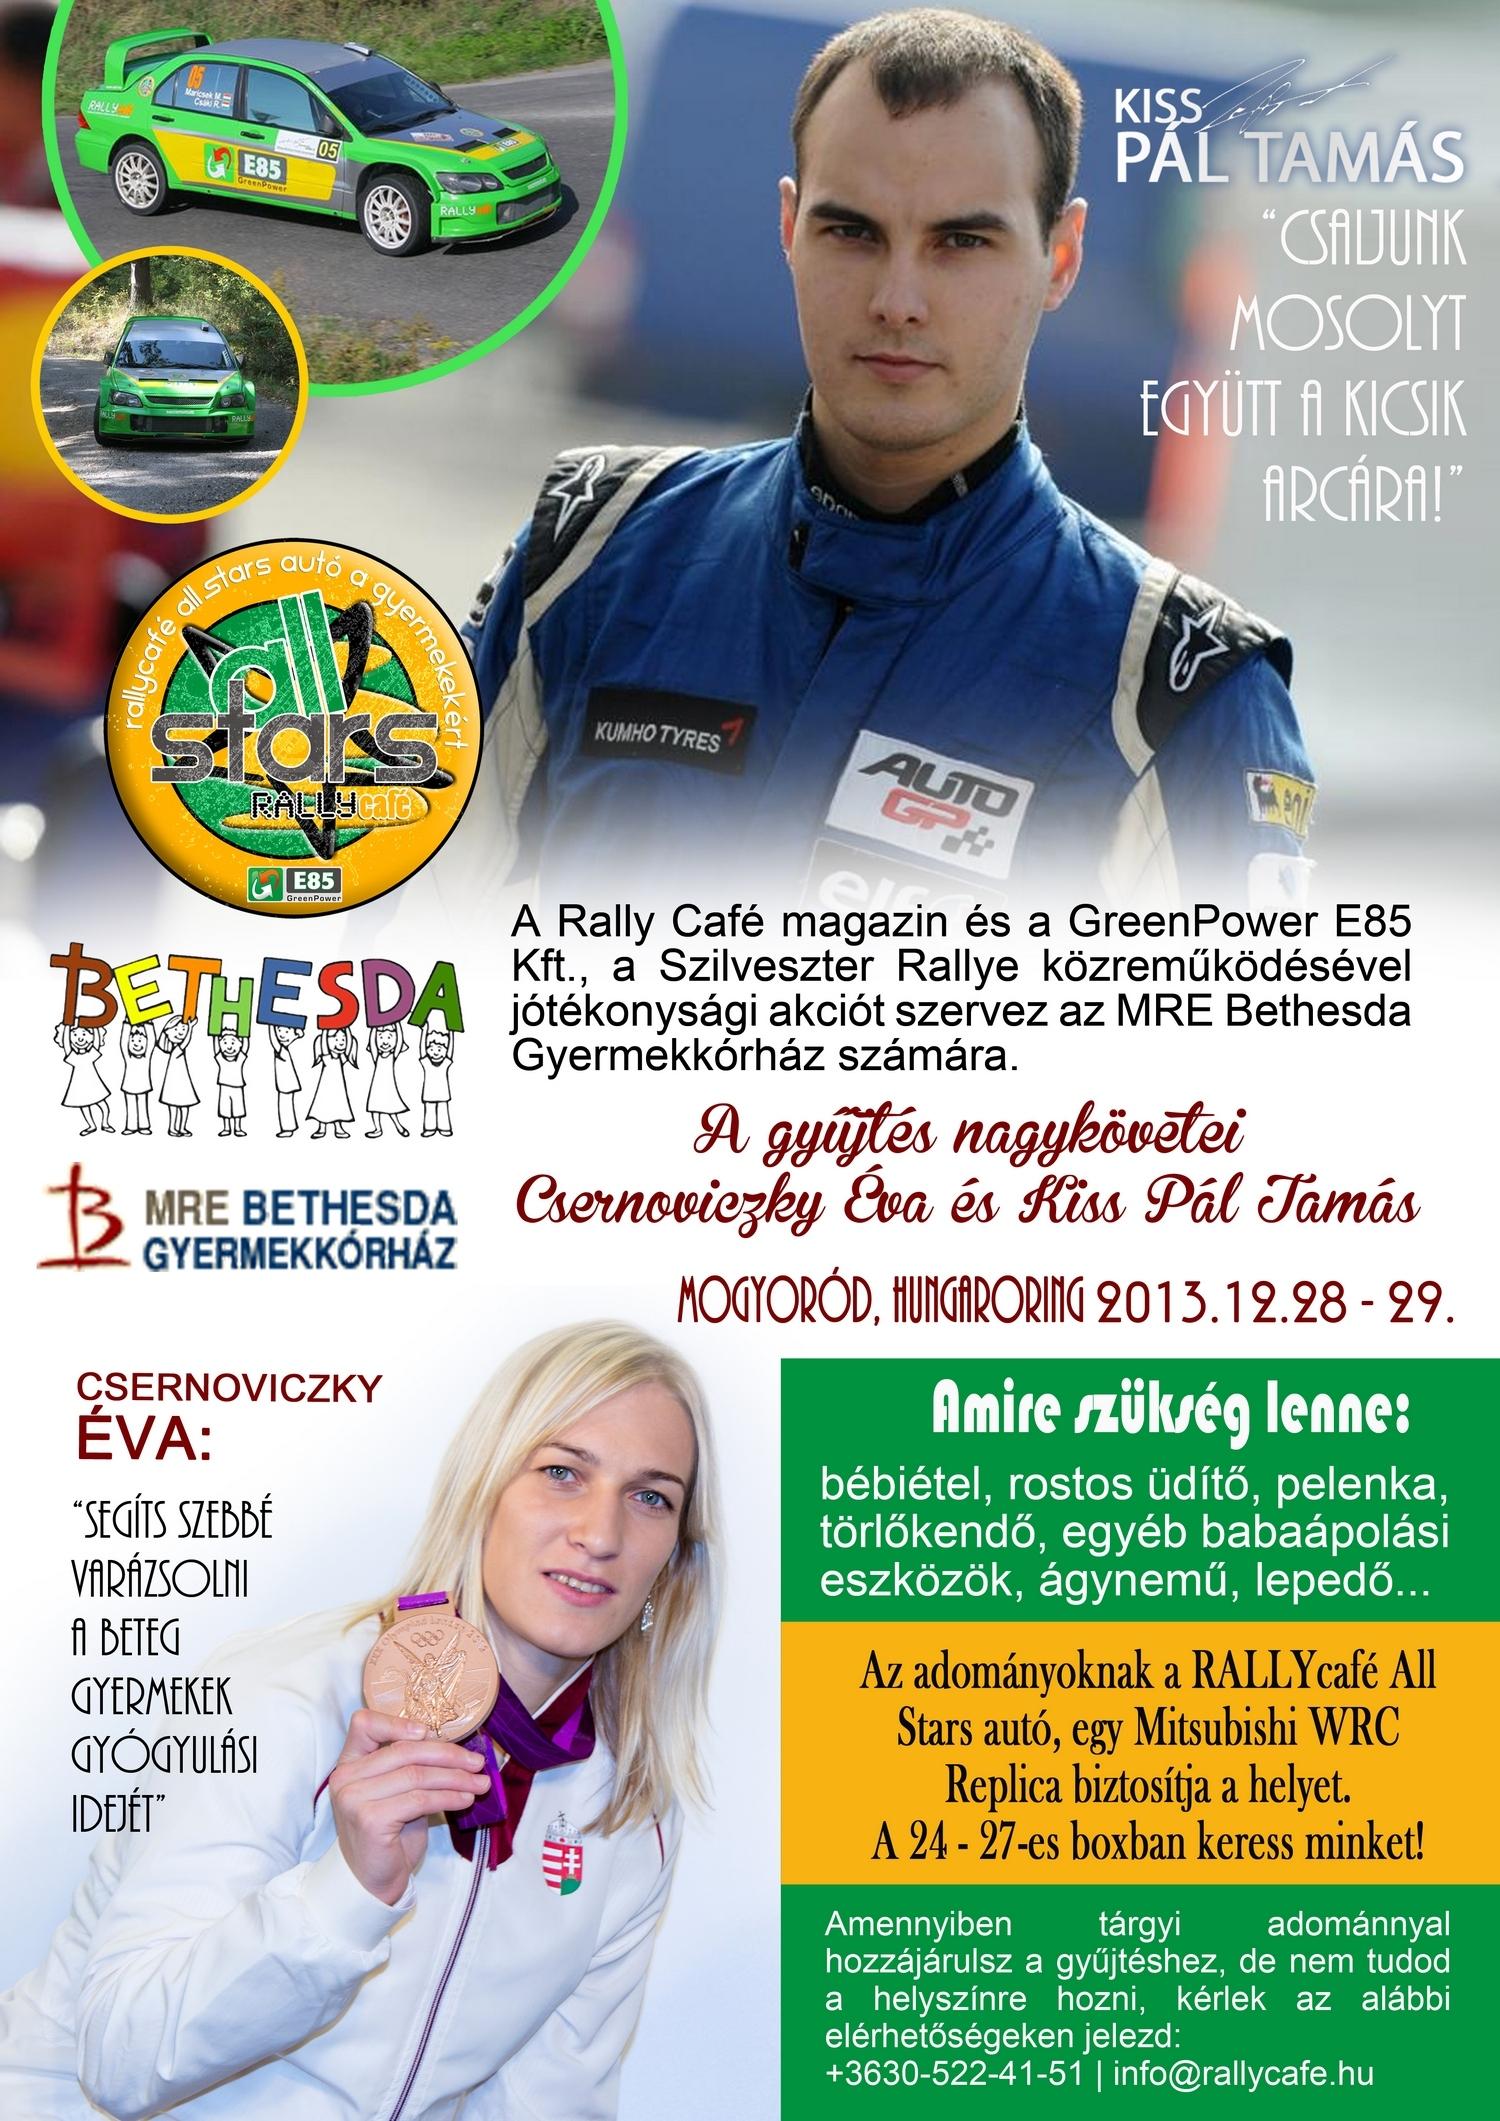 2013-Szilveszter Rallye-Bethesda jótékonyság.JPG